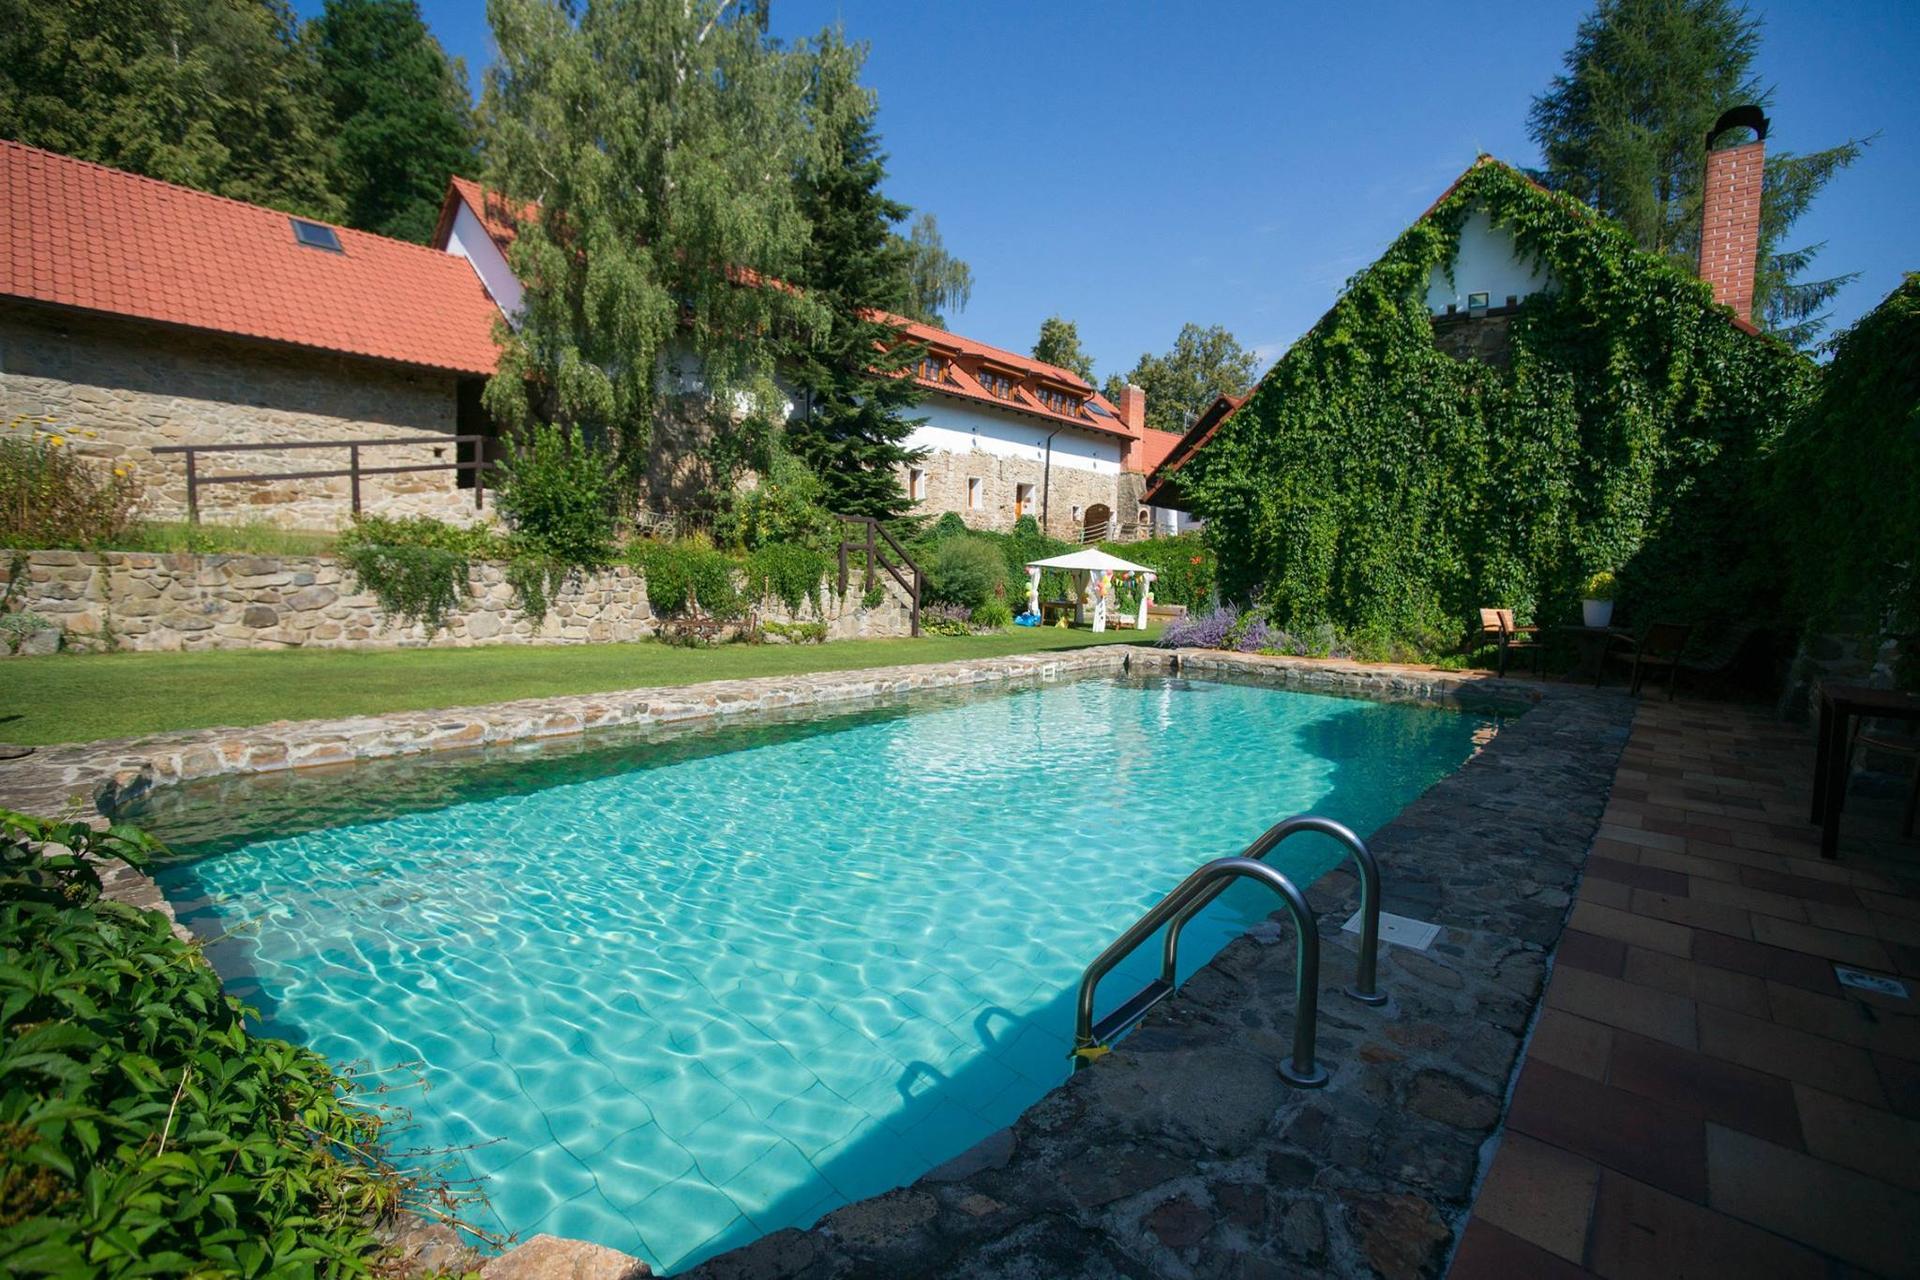 statek_vletice - Bazén a ubytování